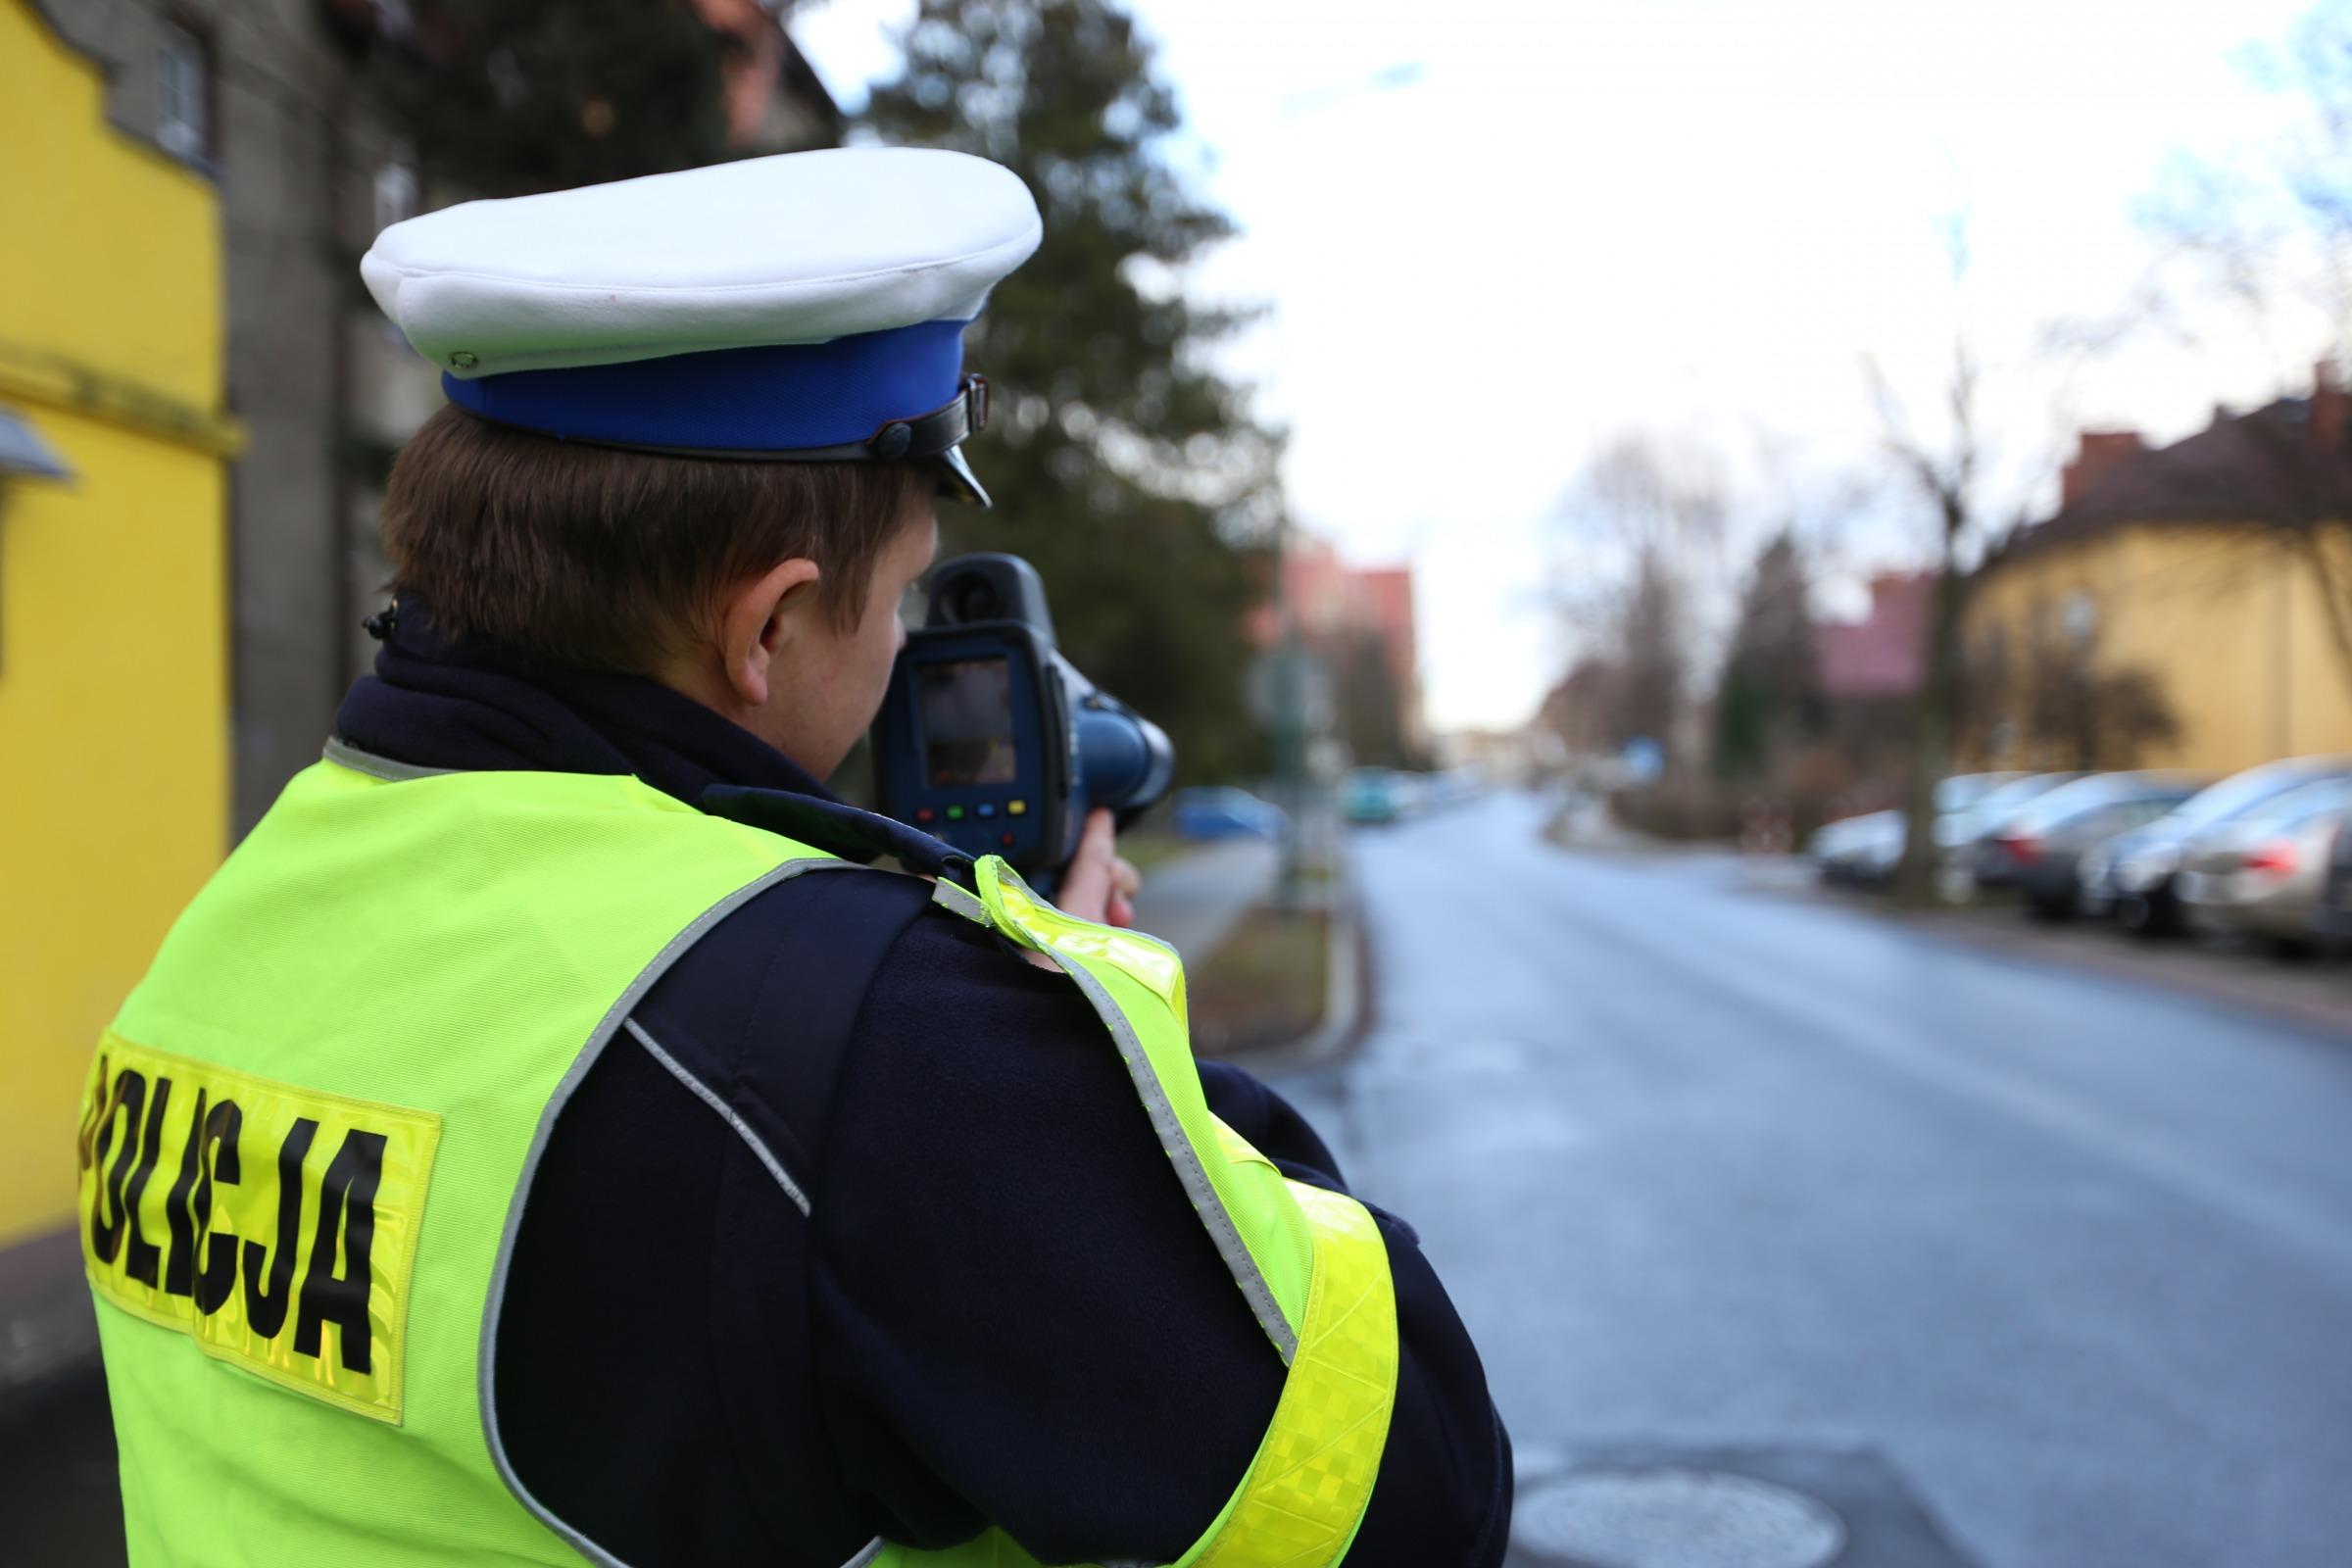 Plaga przekroczeń prędkości! Policja odbiera prawka taśmowo! - Zdjęcie główne